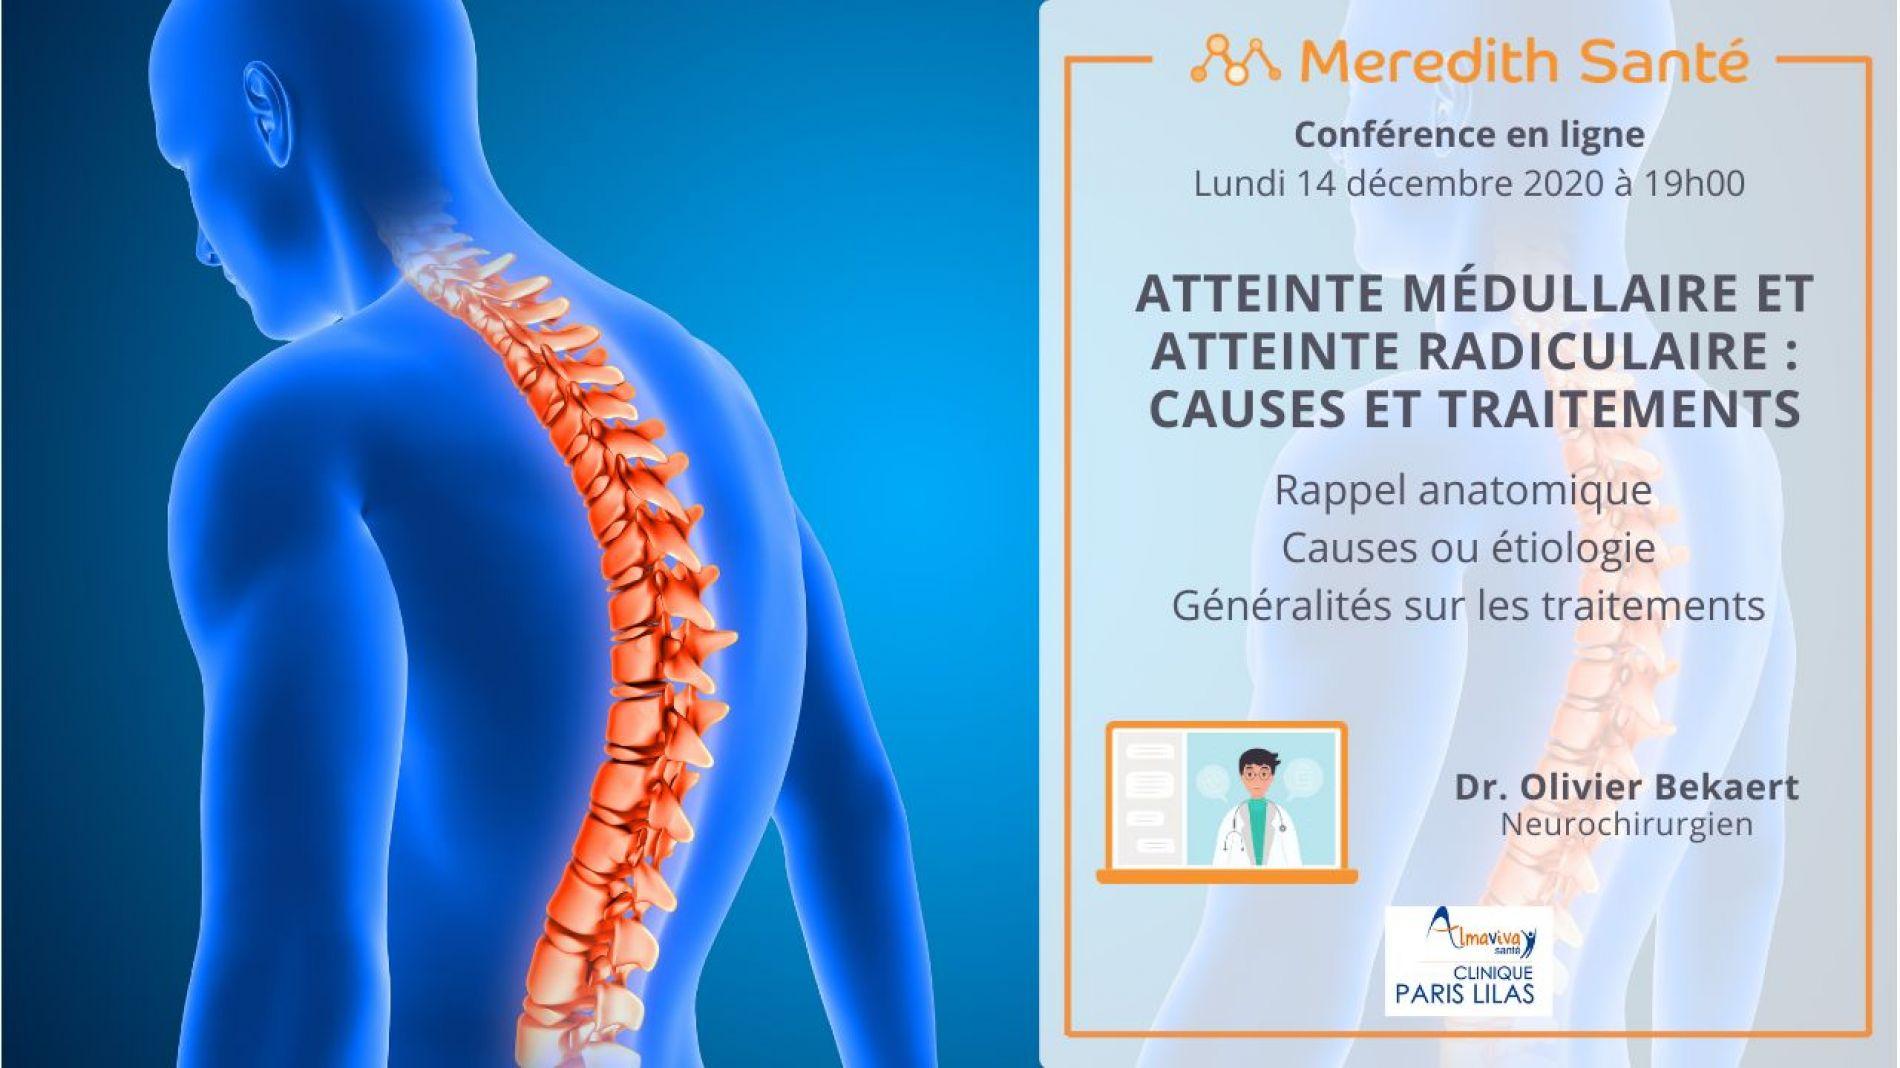 Atteinte médullaire et atteinte radicullaire - Dr Bekaert